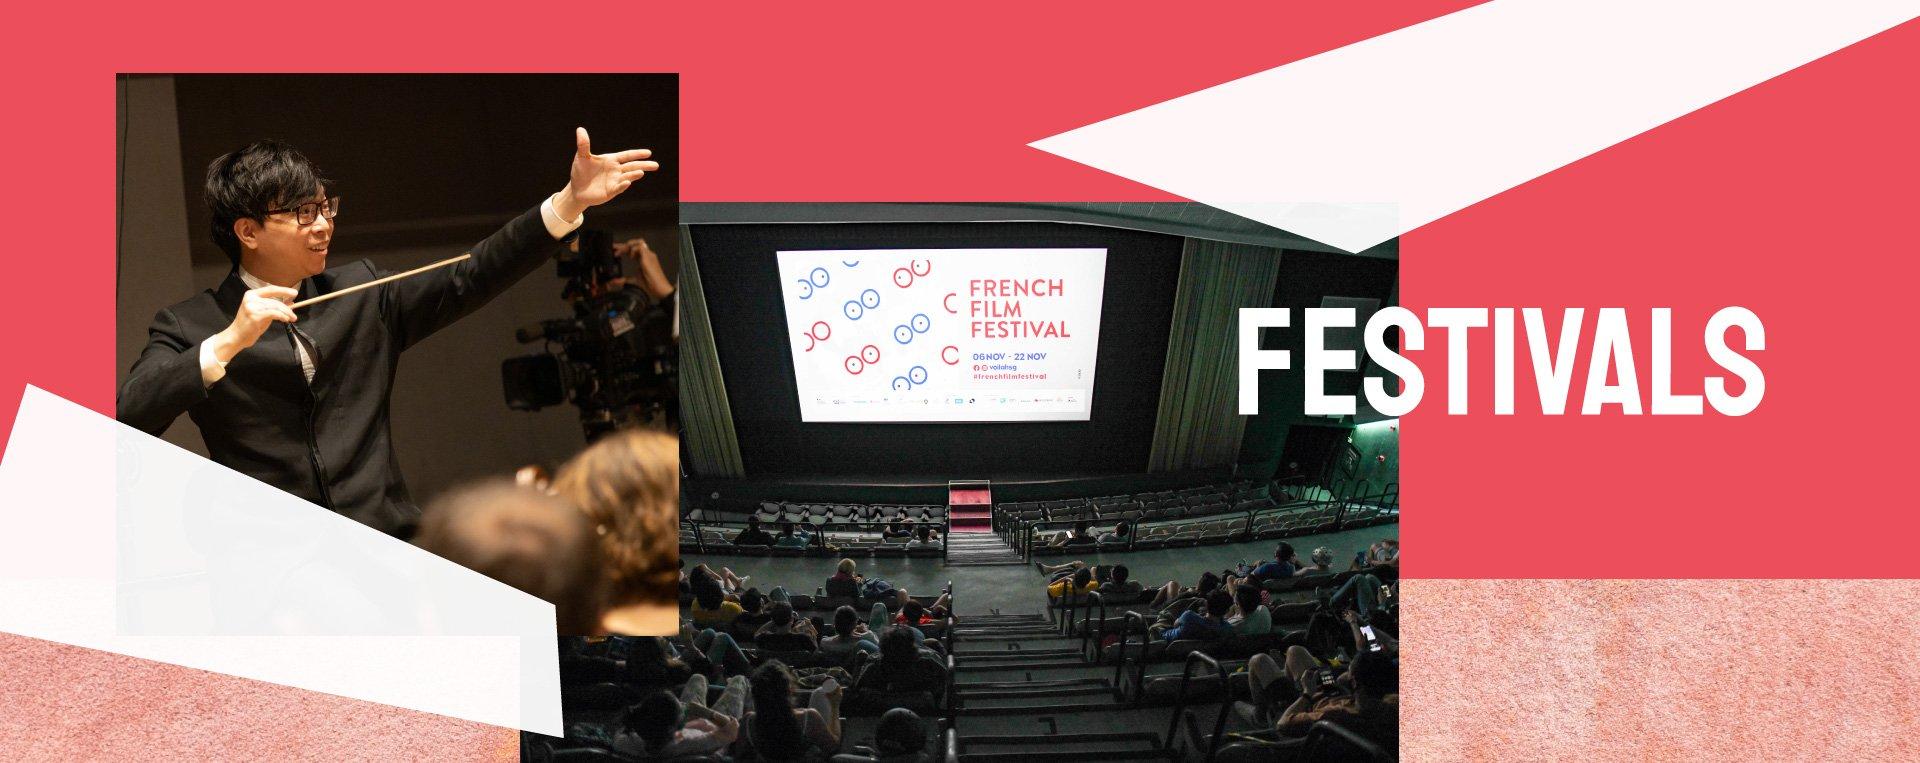 Frenchembassy Festivals Banner Desktop